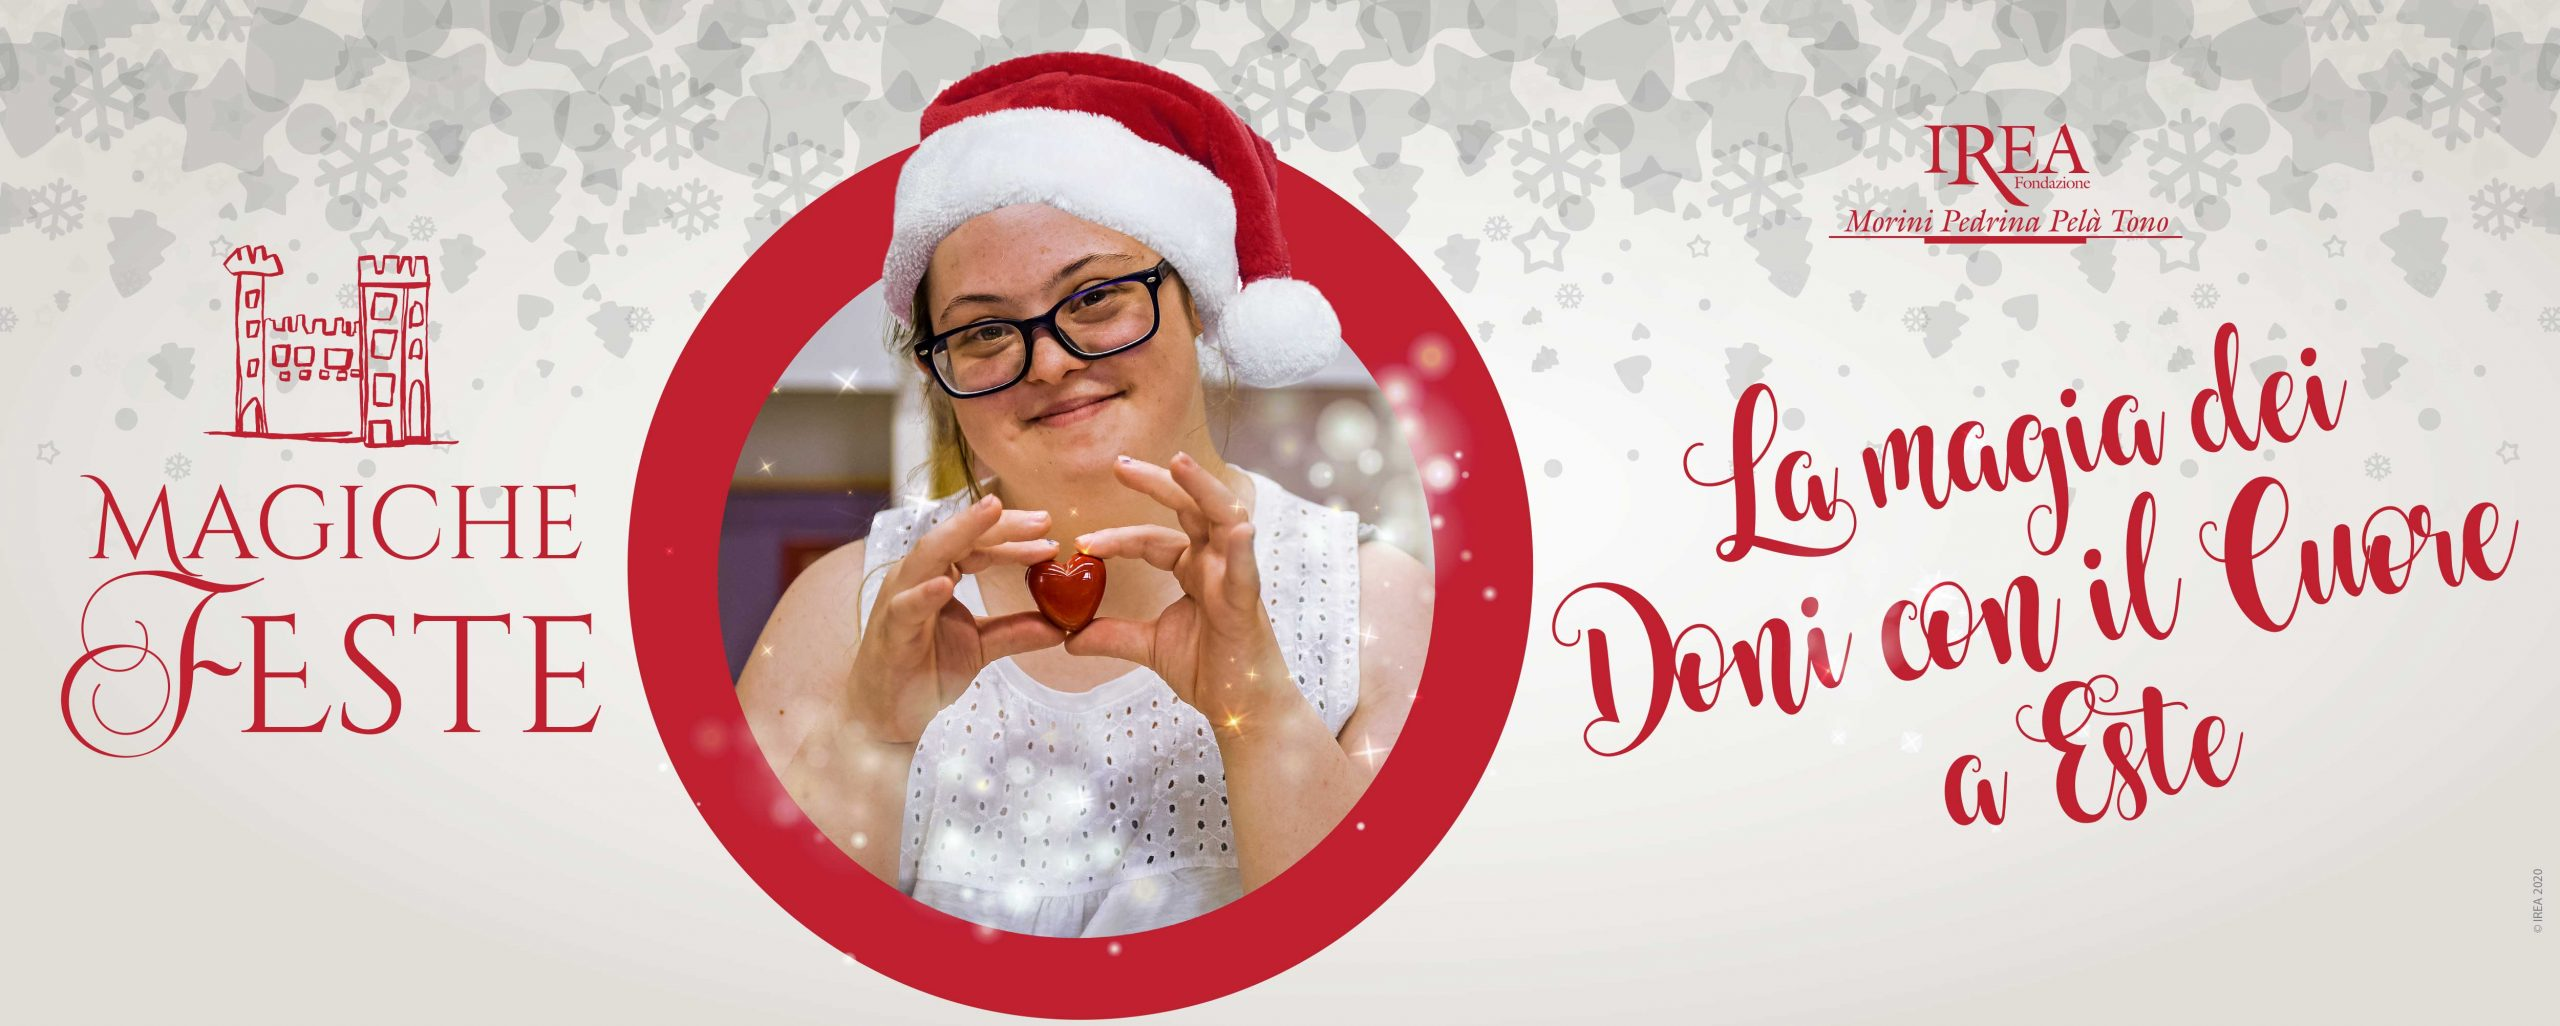 Natale 2020 - i doni con il cuore